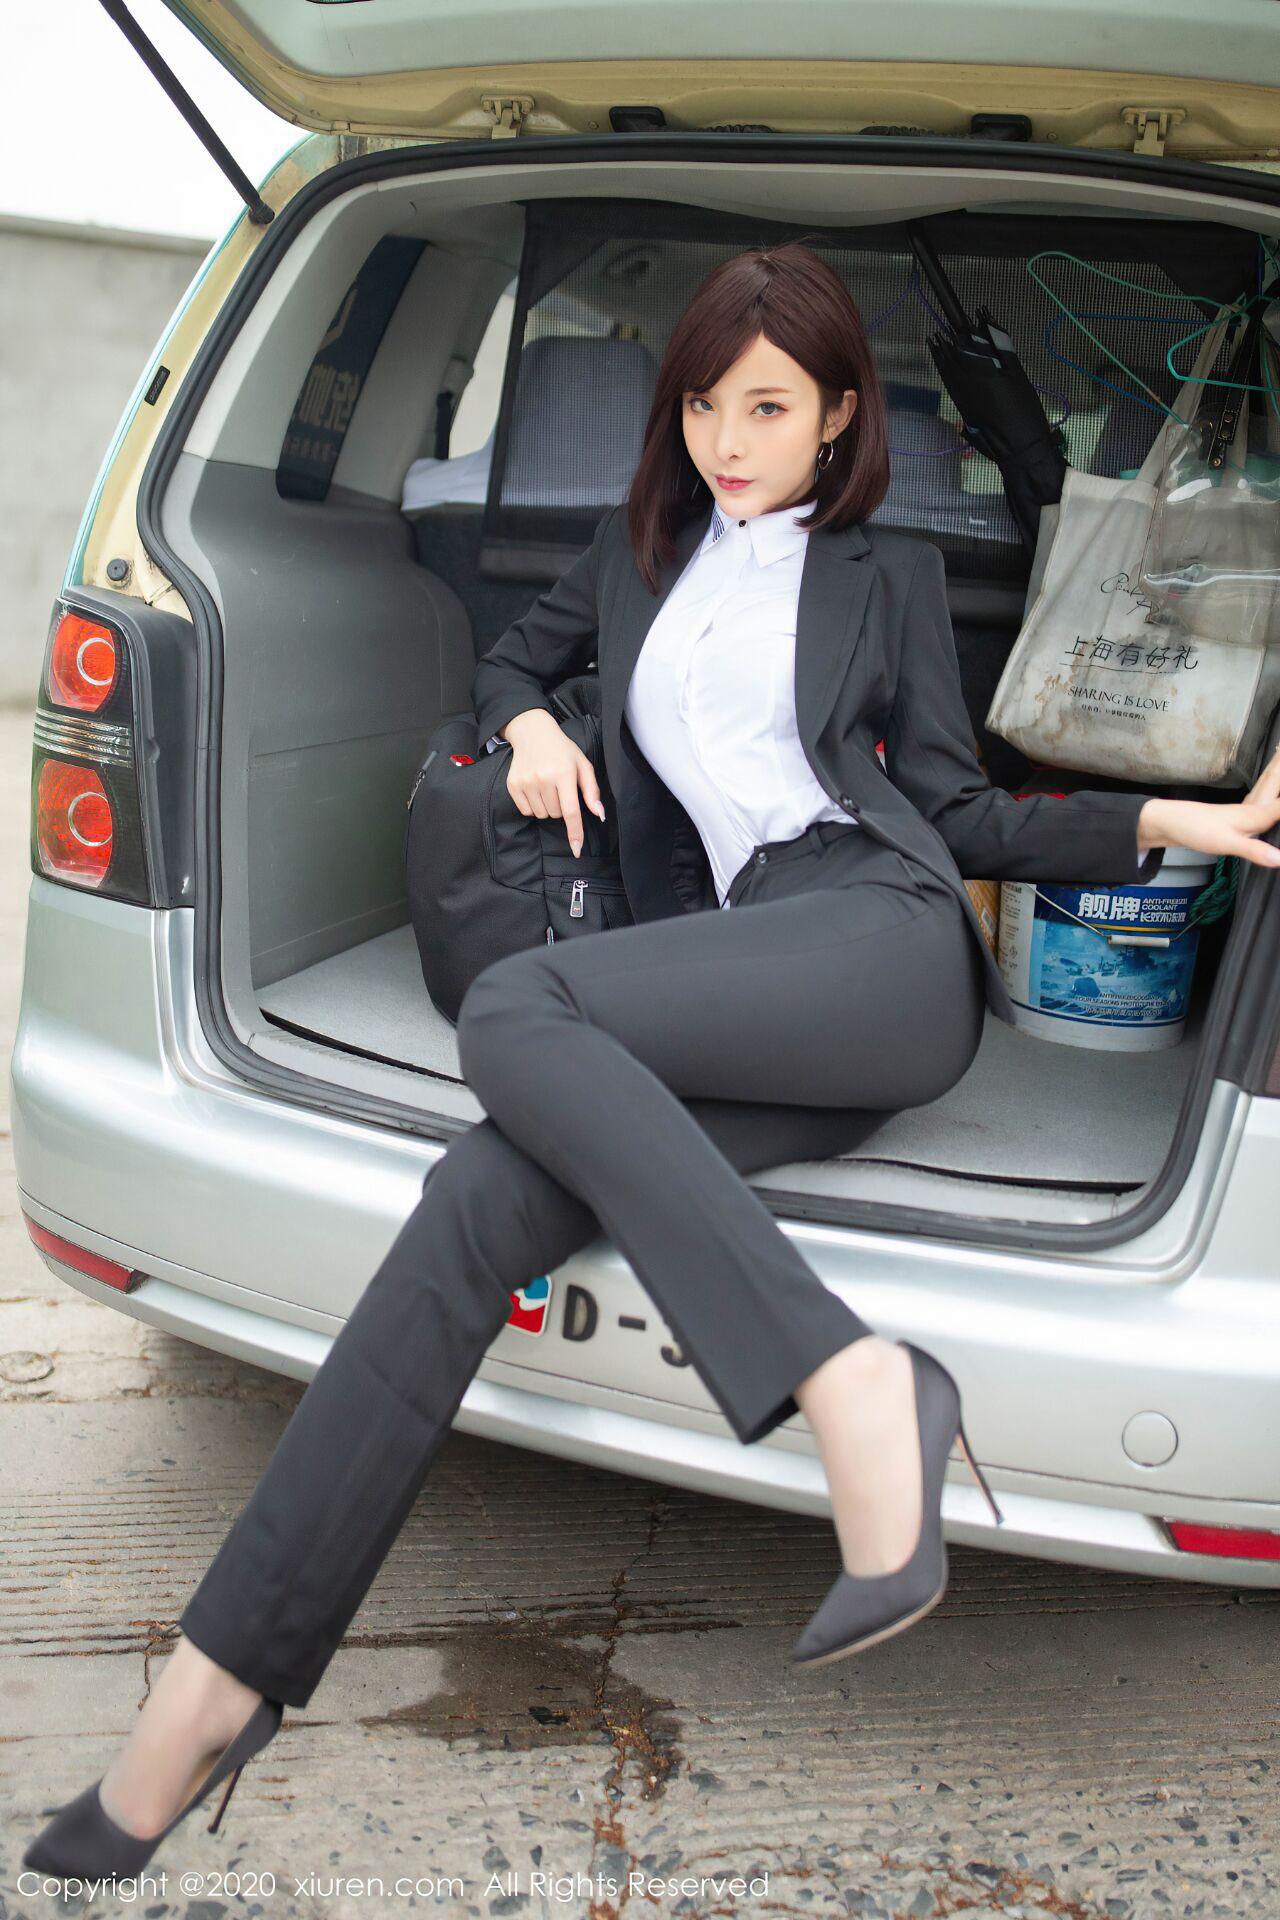 图片[14]-【剧情mietu】我和出租车女司机的邂逅故事-大鹏资源网